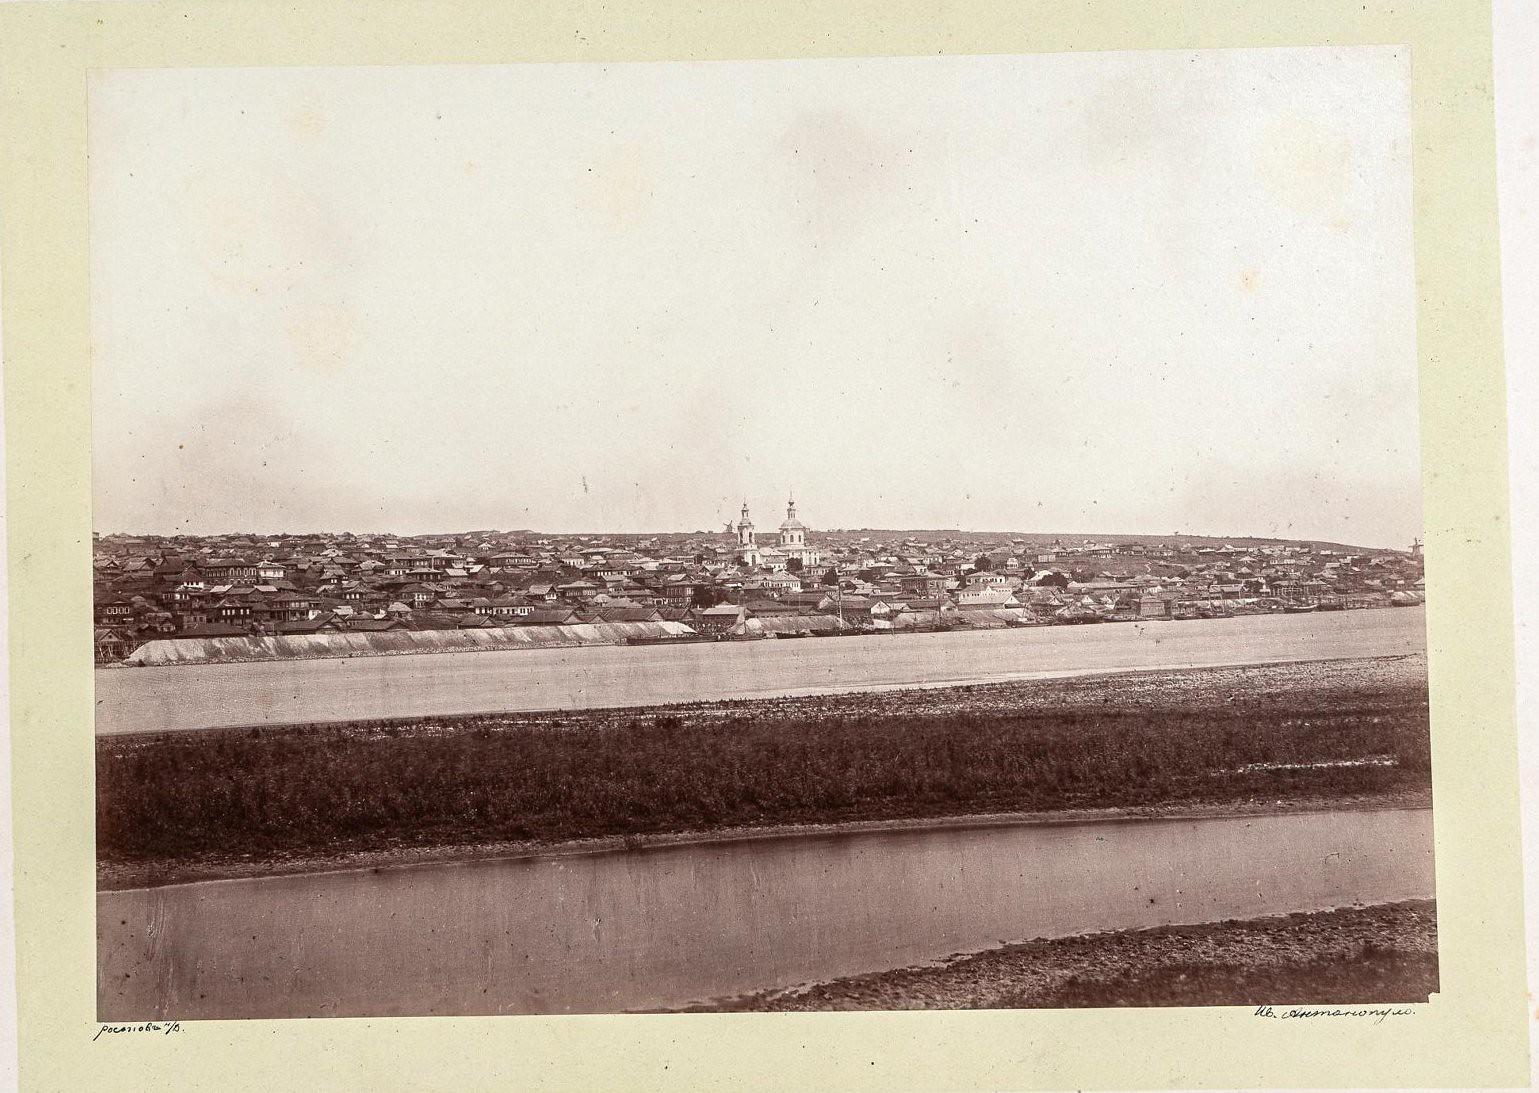 Аксай. Панорамный вид города из-за излучины реки Дон